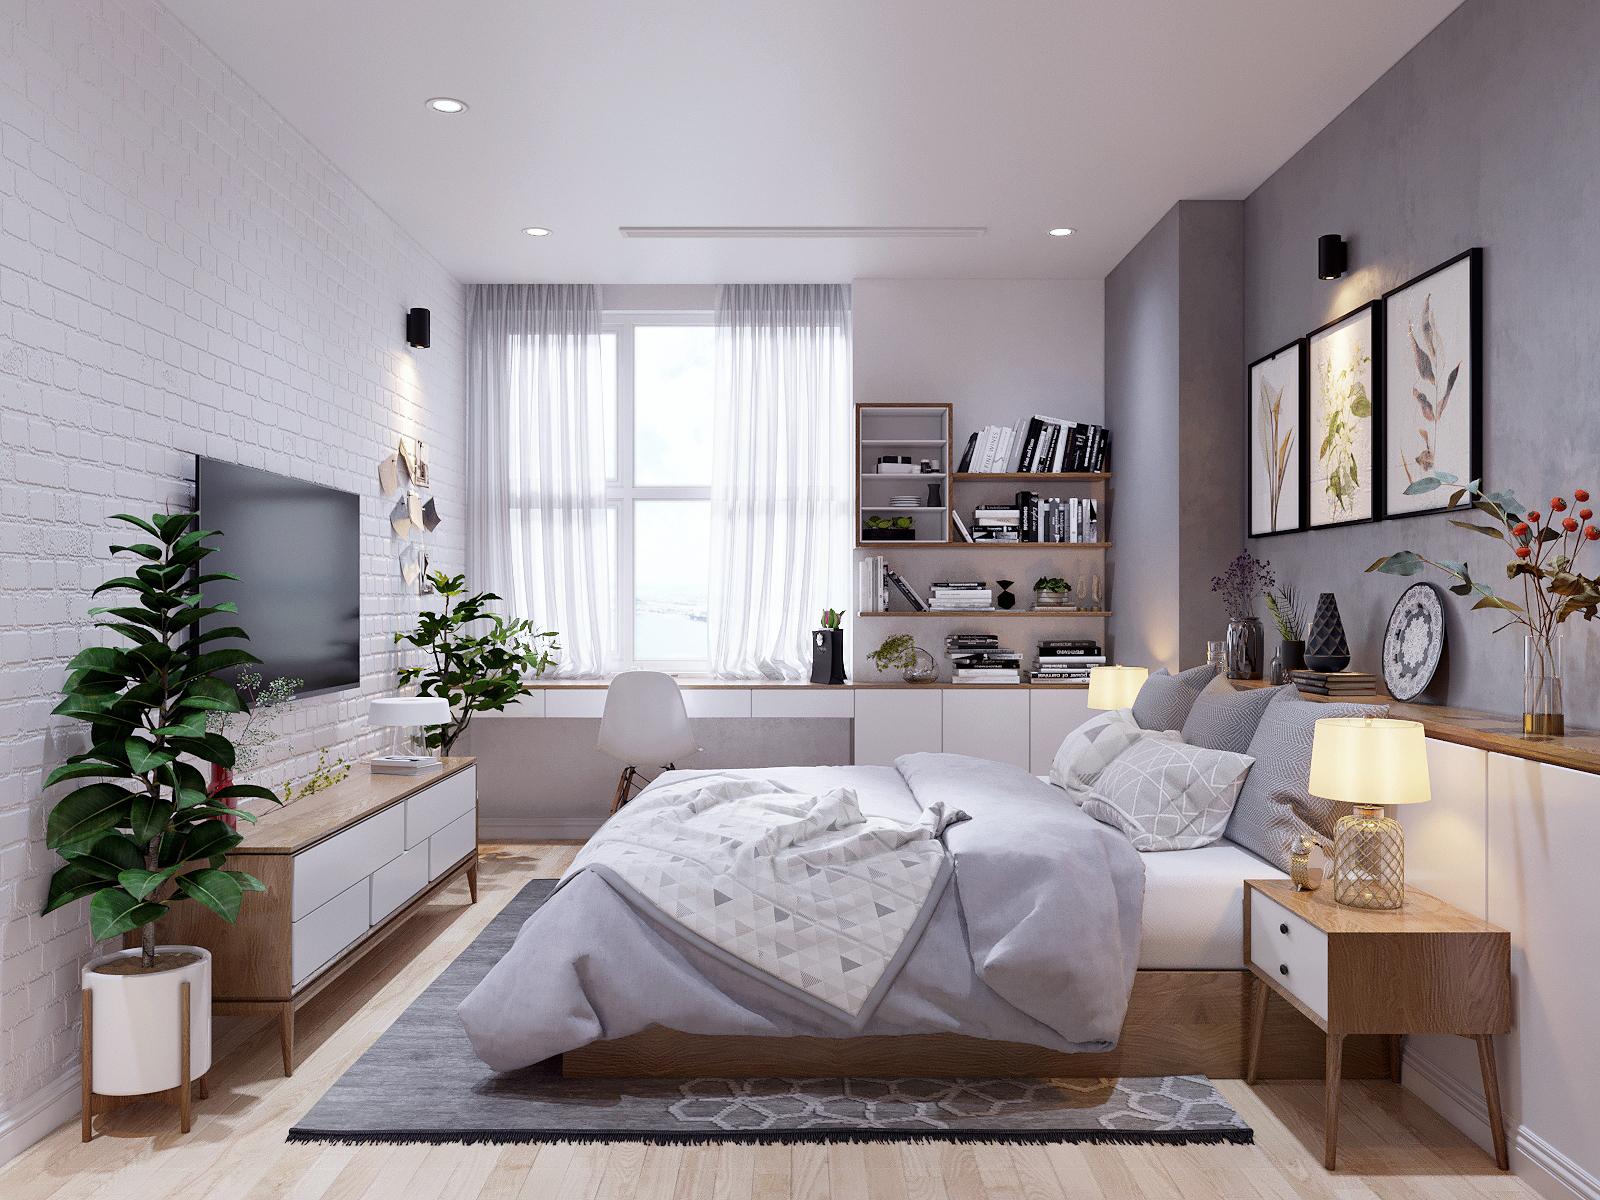 Скандинавский дизайн: Фотообзор современного интерьера